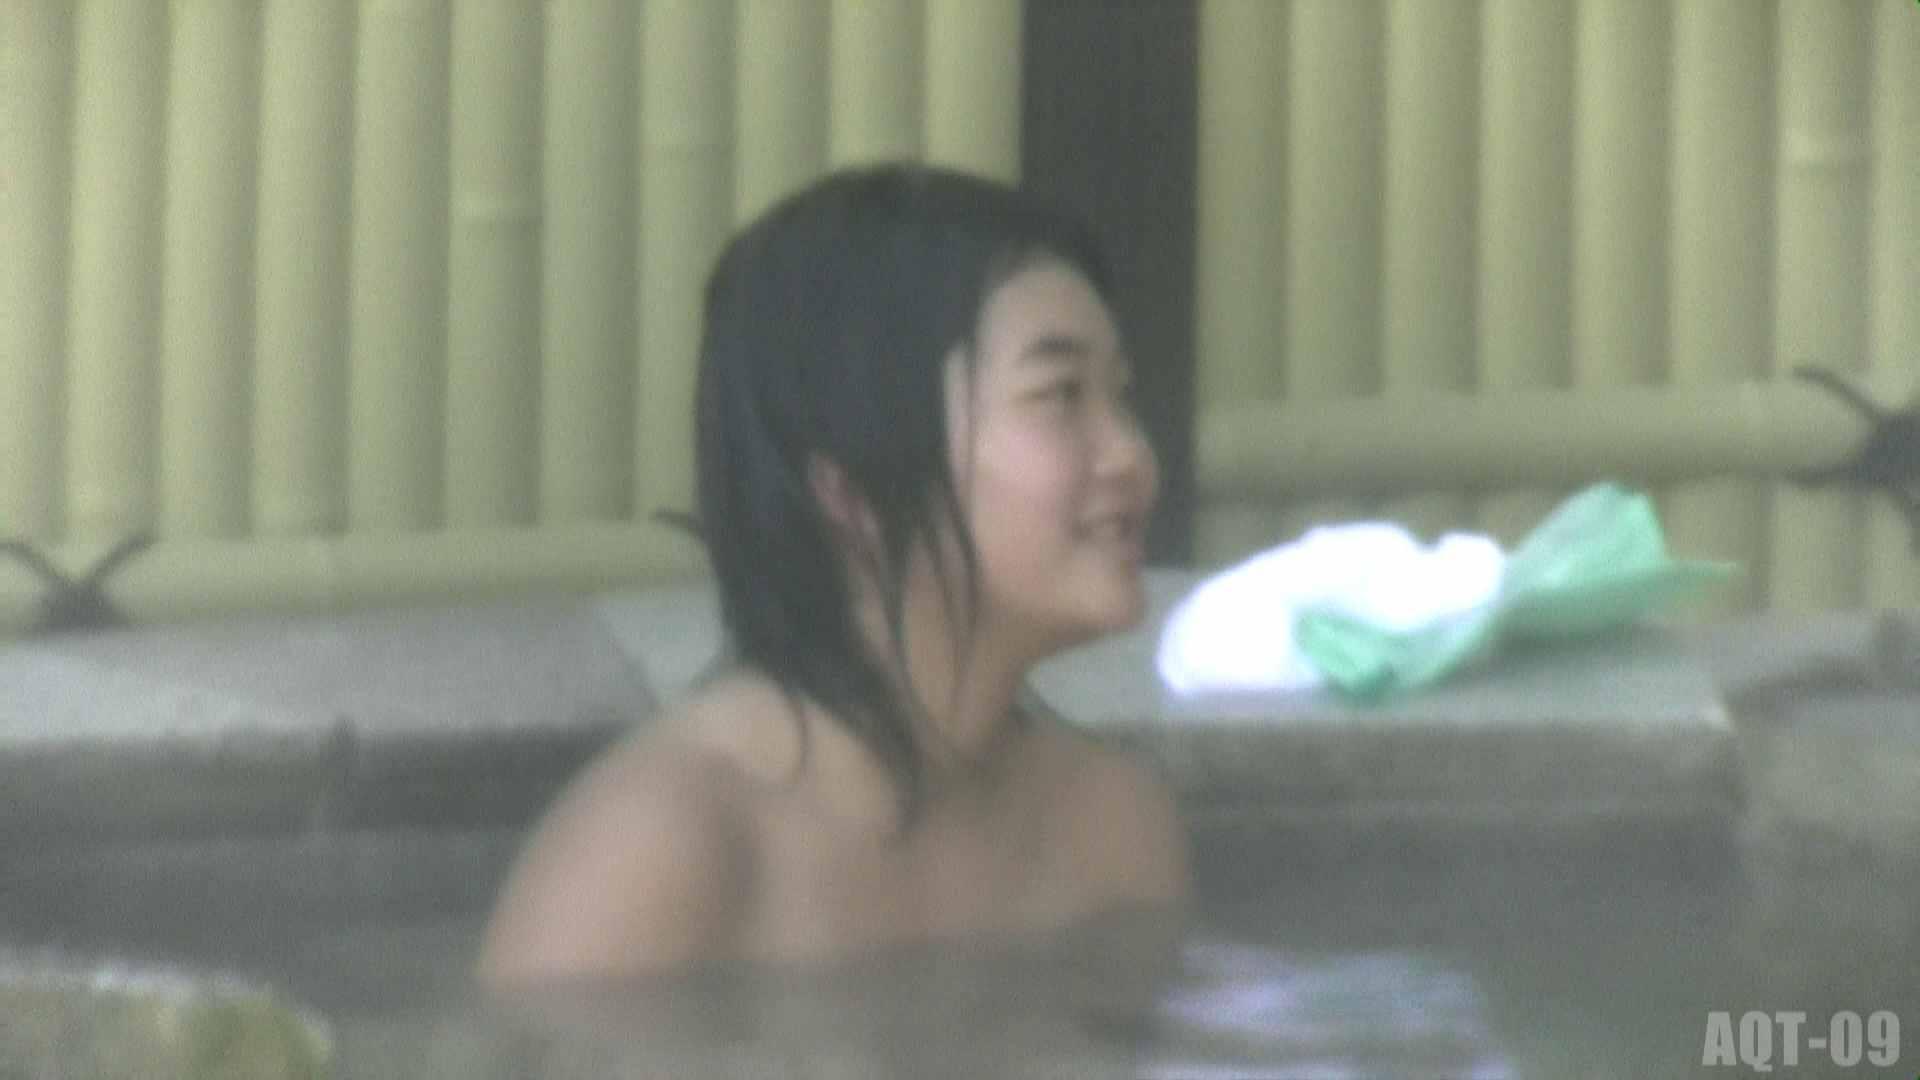 女露天風呂劇場 Vol.08 露天   OLのボディ  81PIX 25